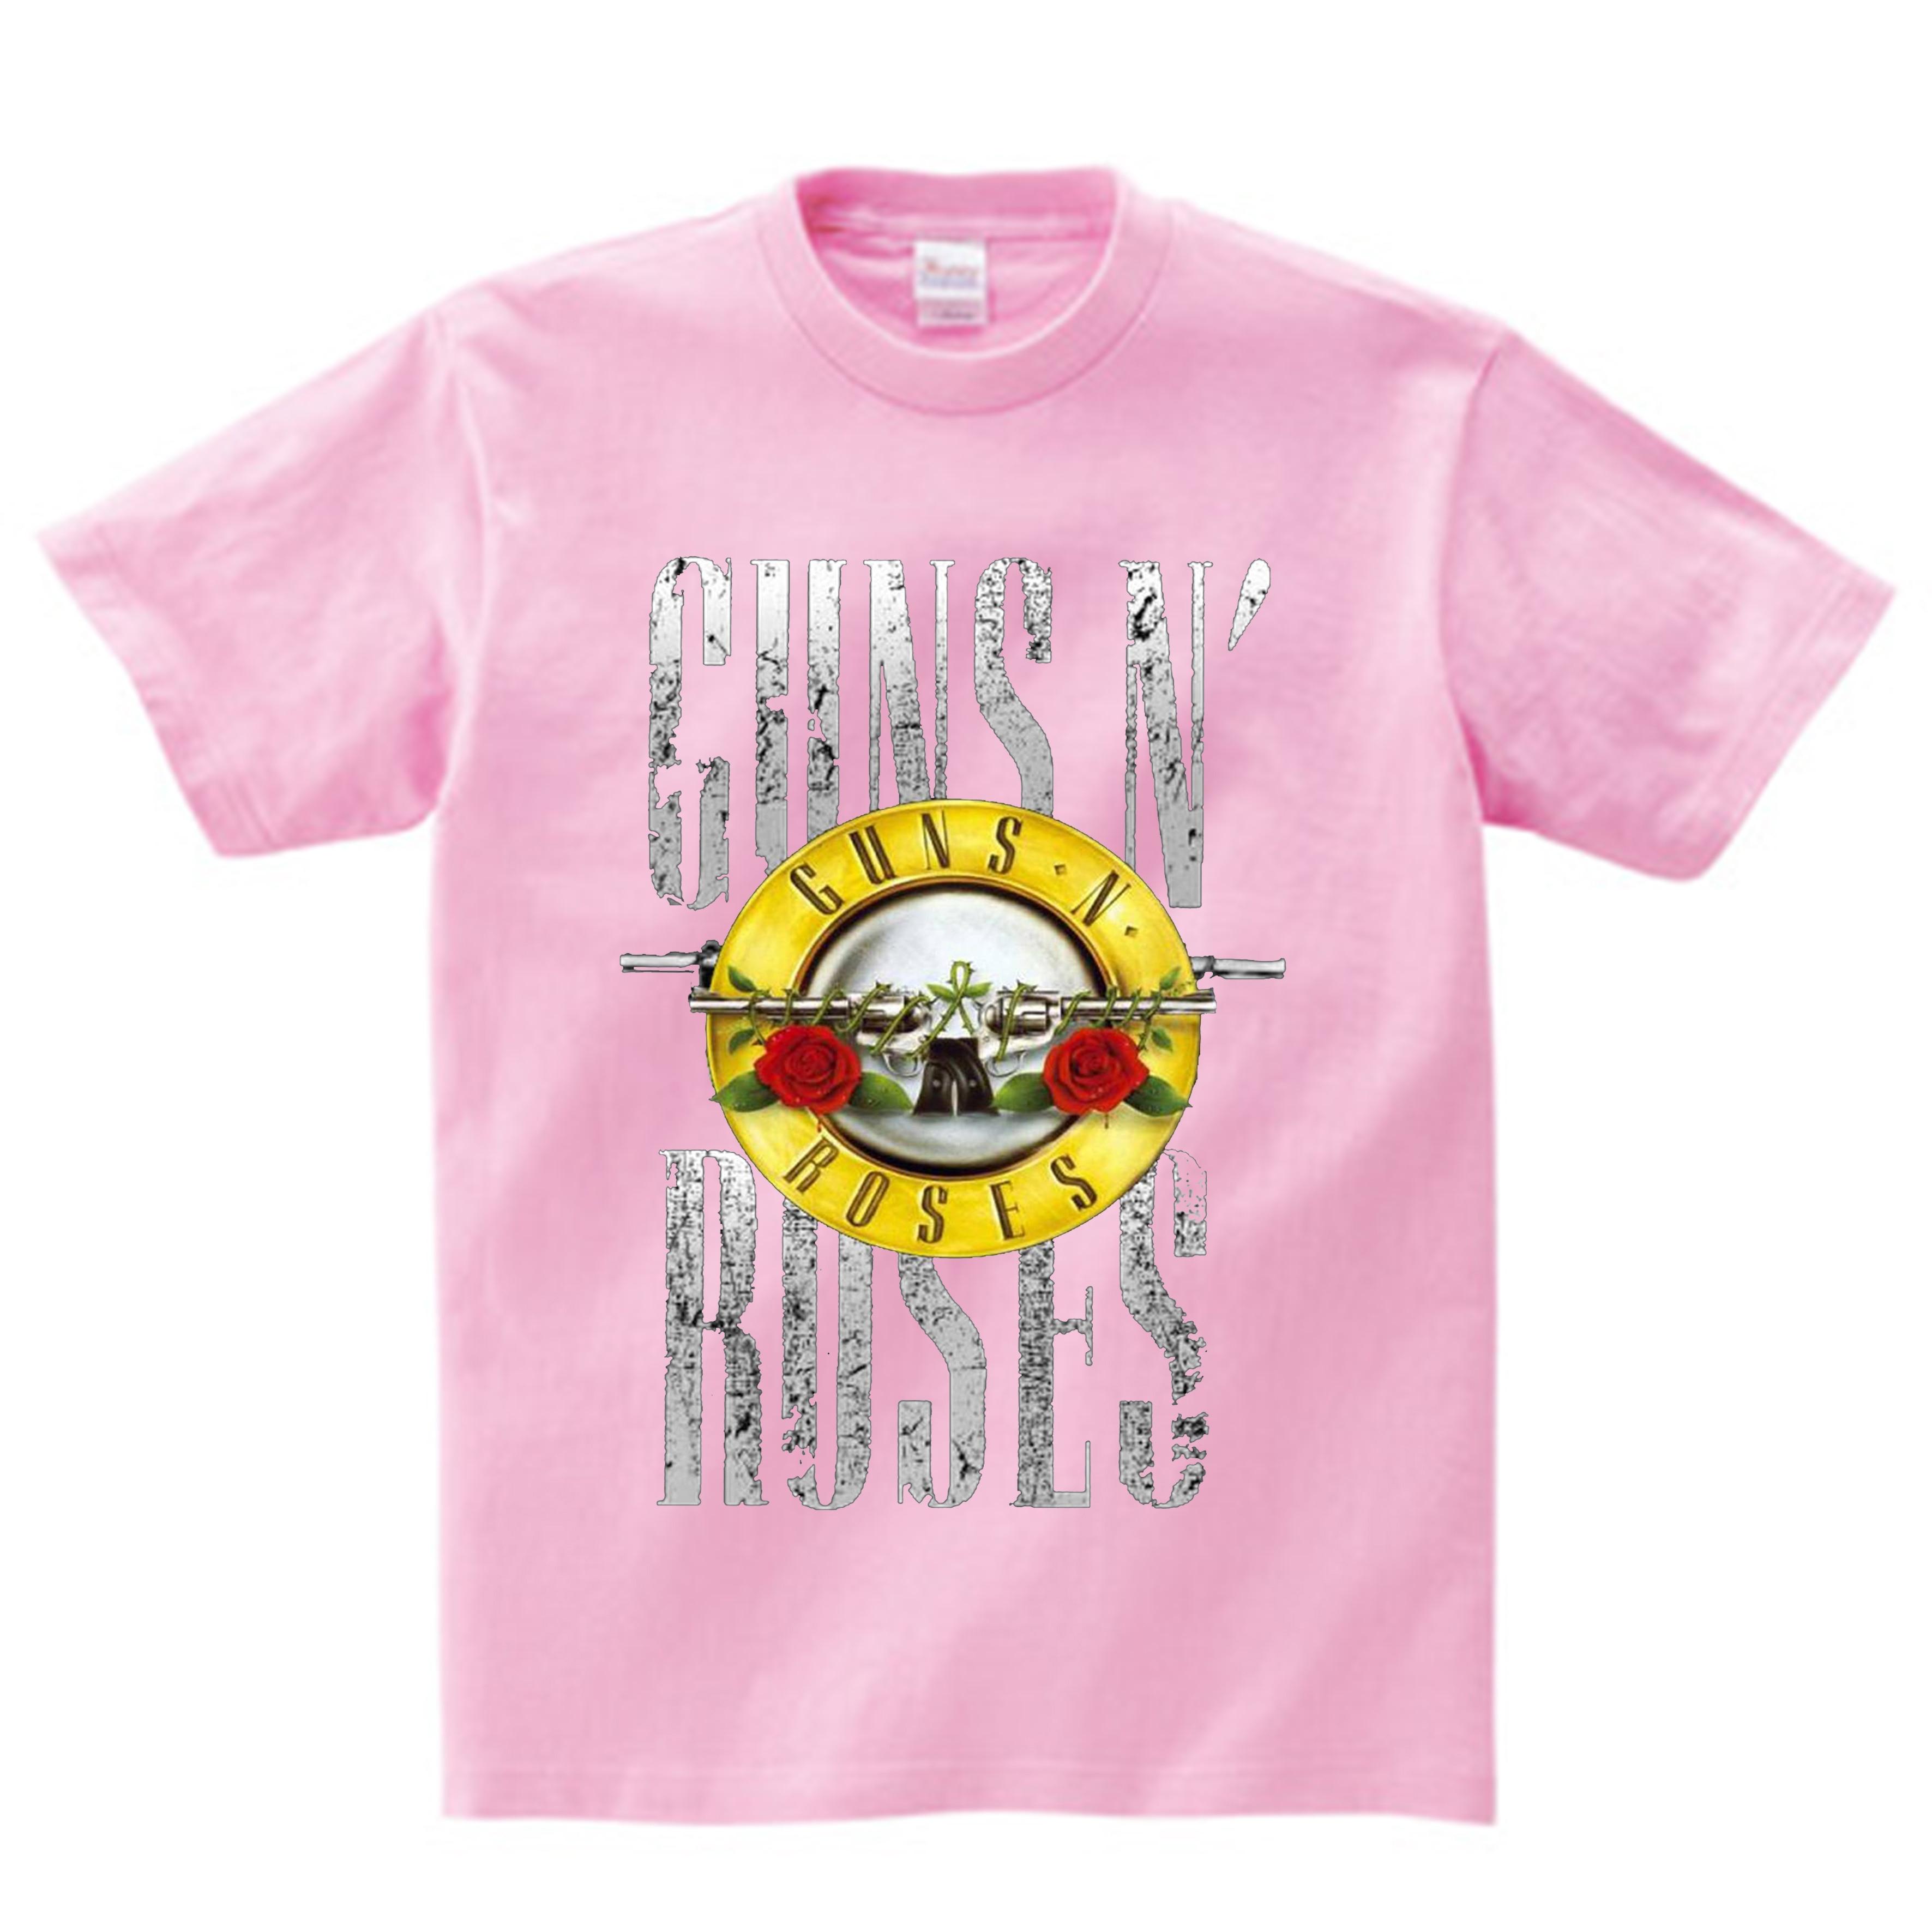 Crianças rock band gun n rosas imprimir t camisa verão crianças hip hop música topos bebê meninos/meninas t camisa vogue princesa roupas nn